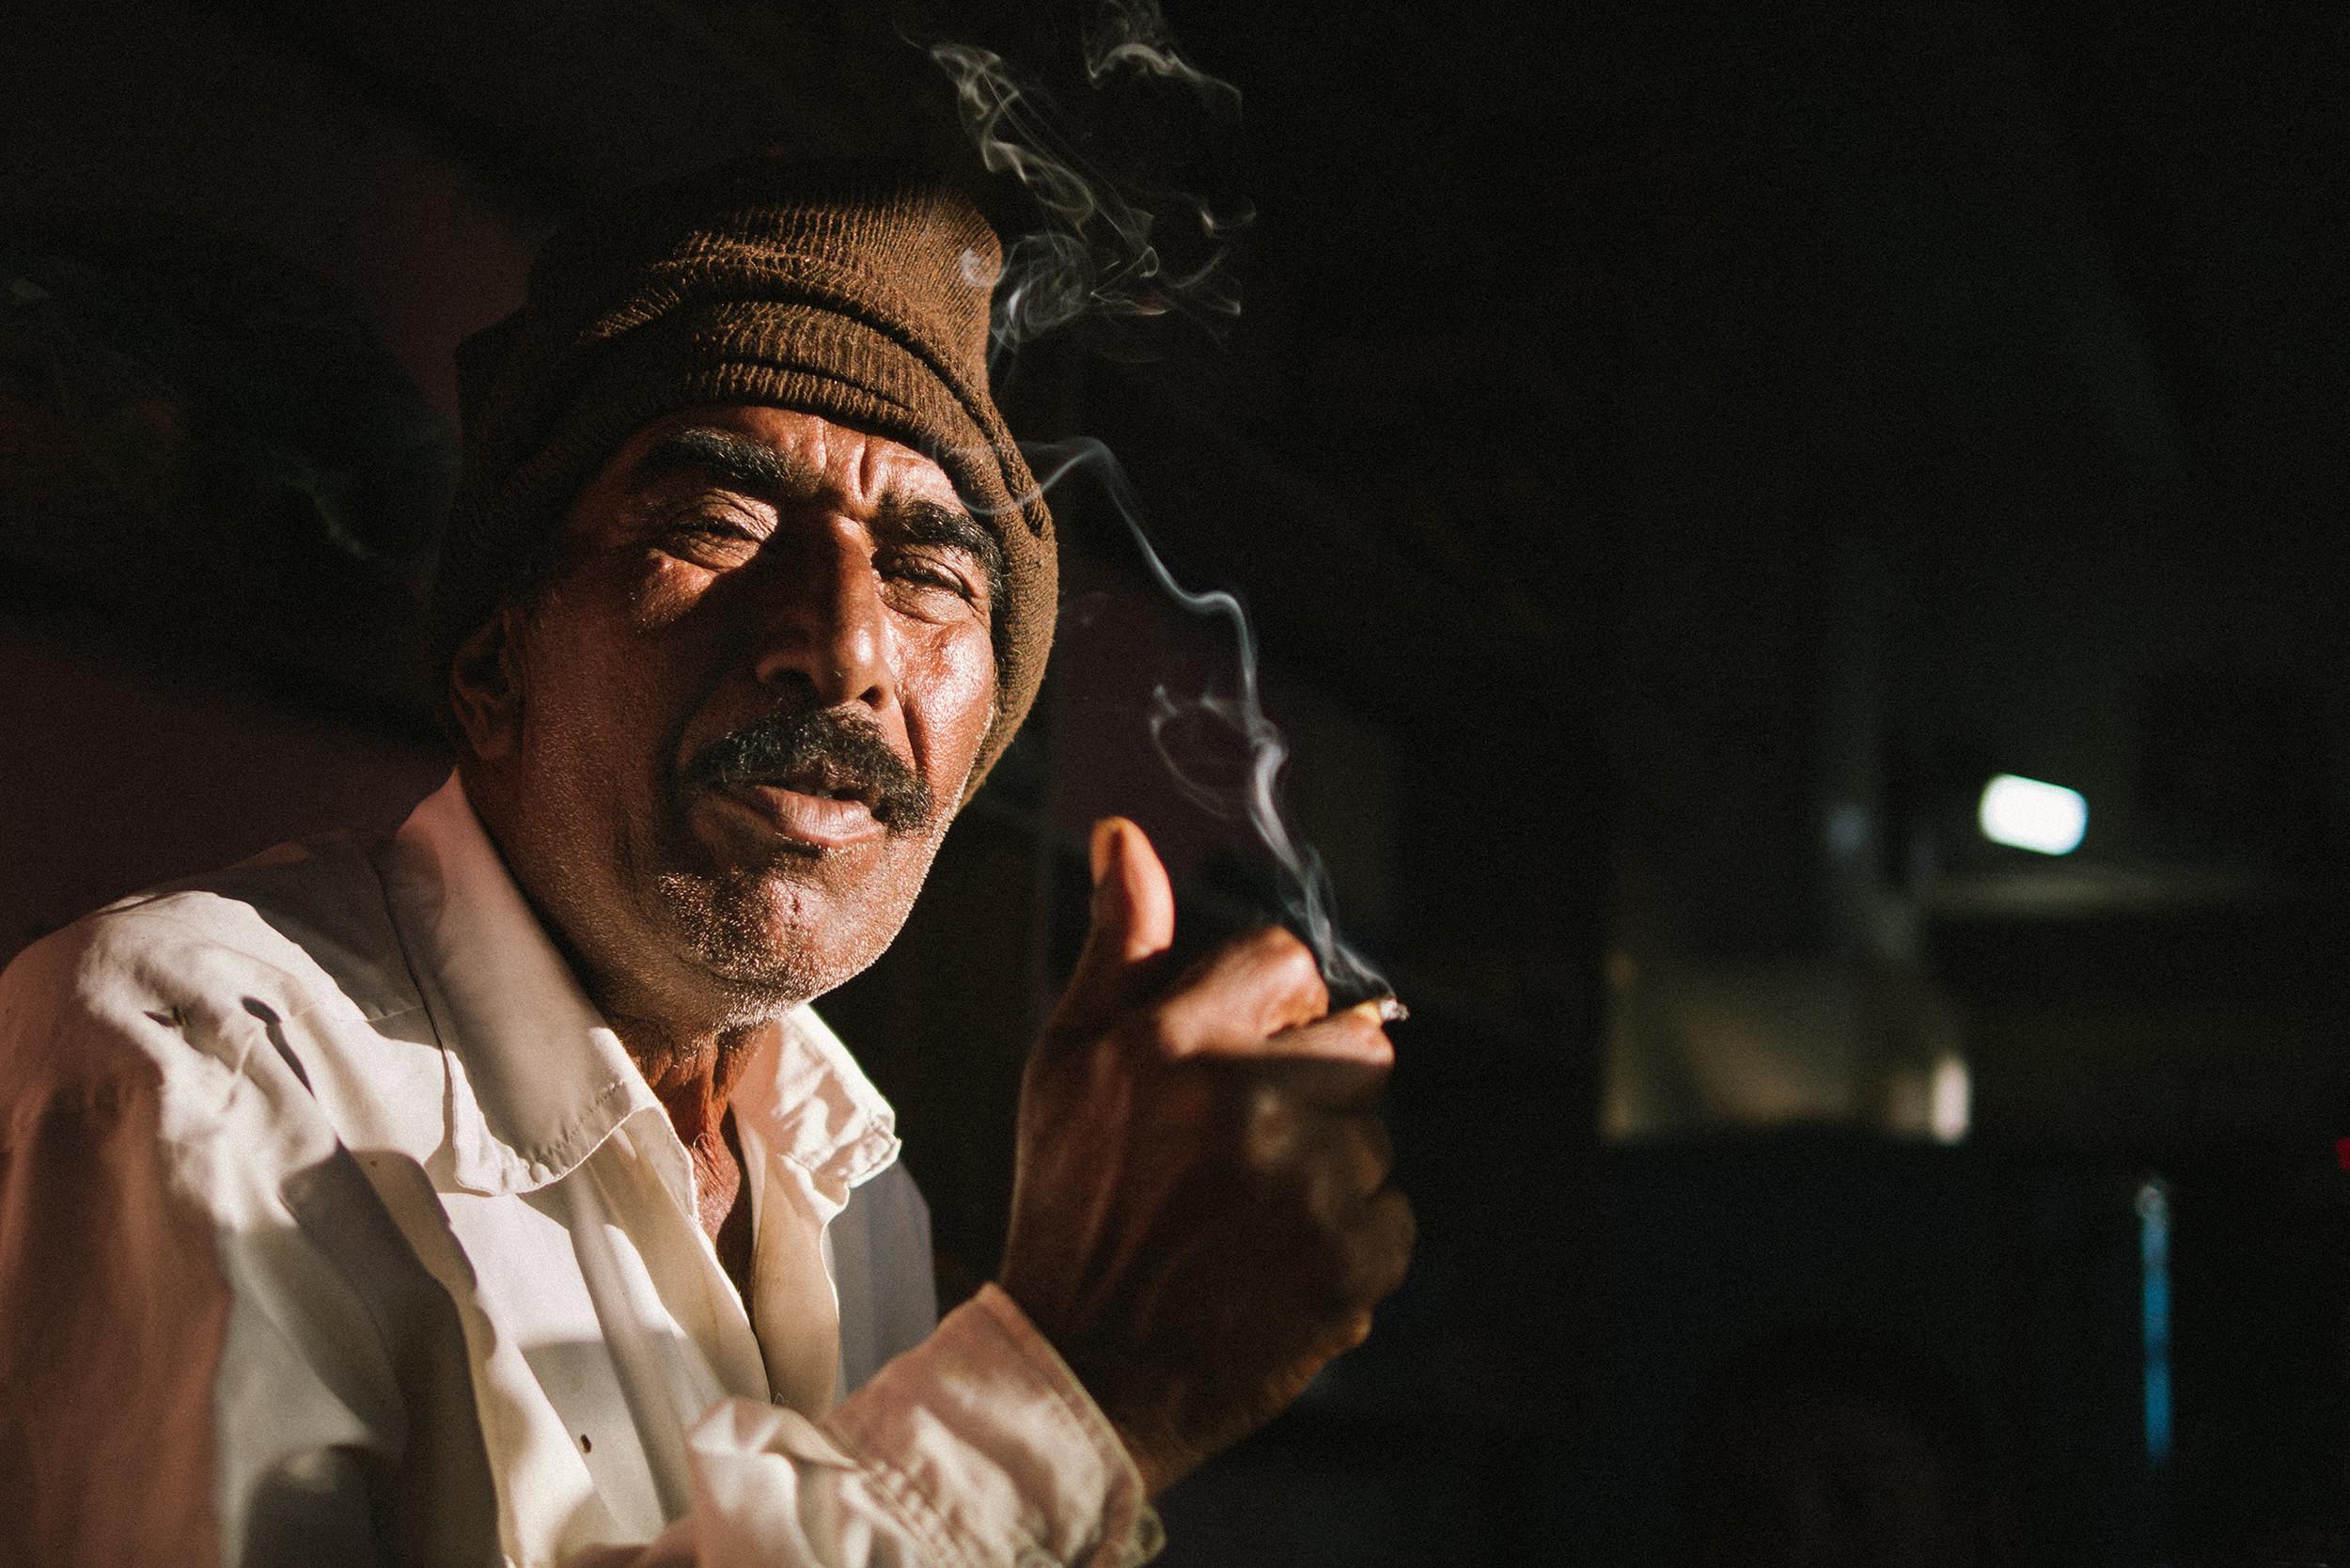 Man smoking in his shop